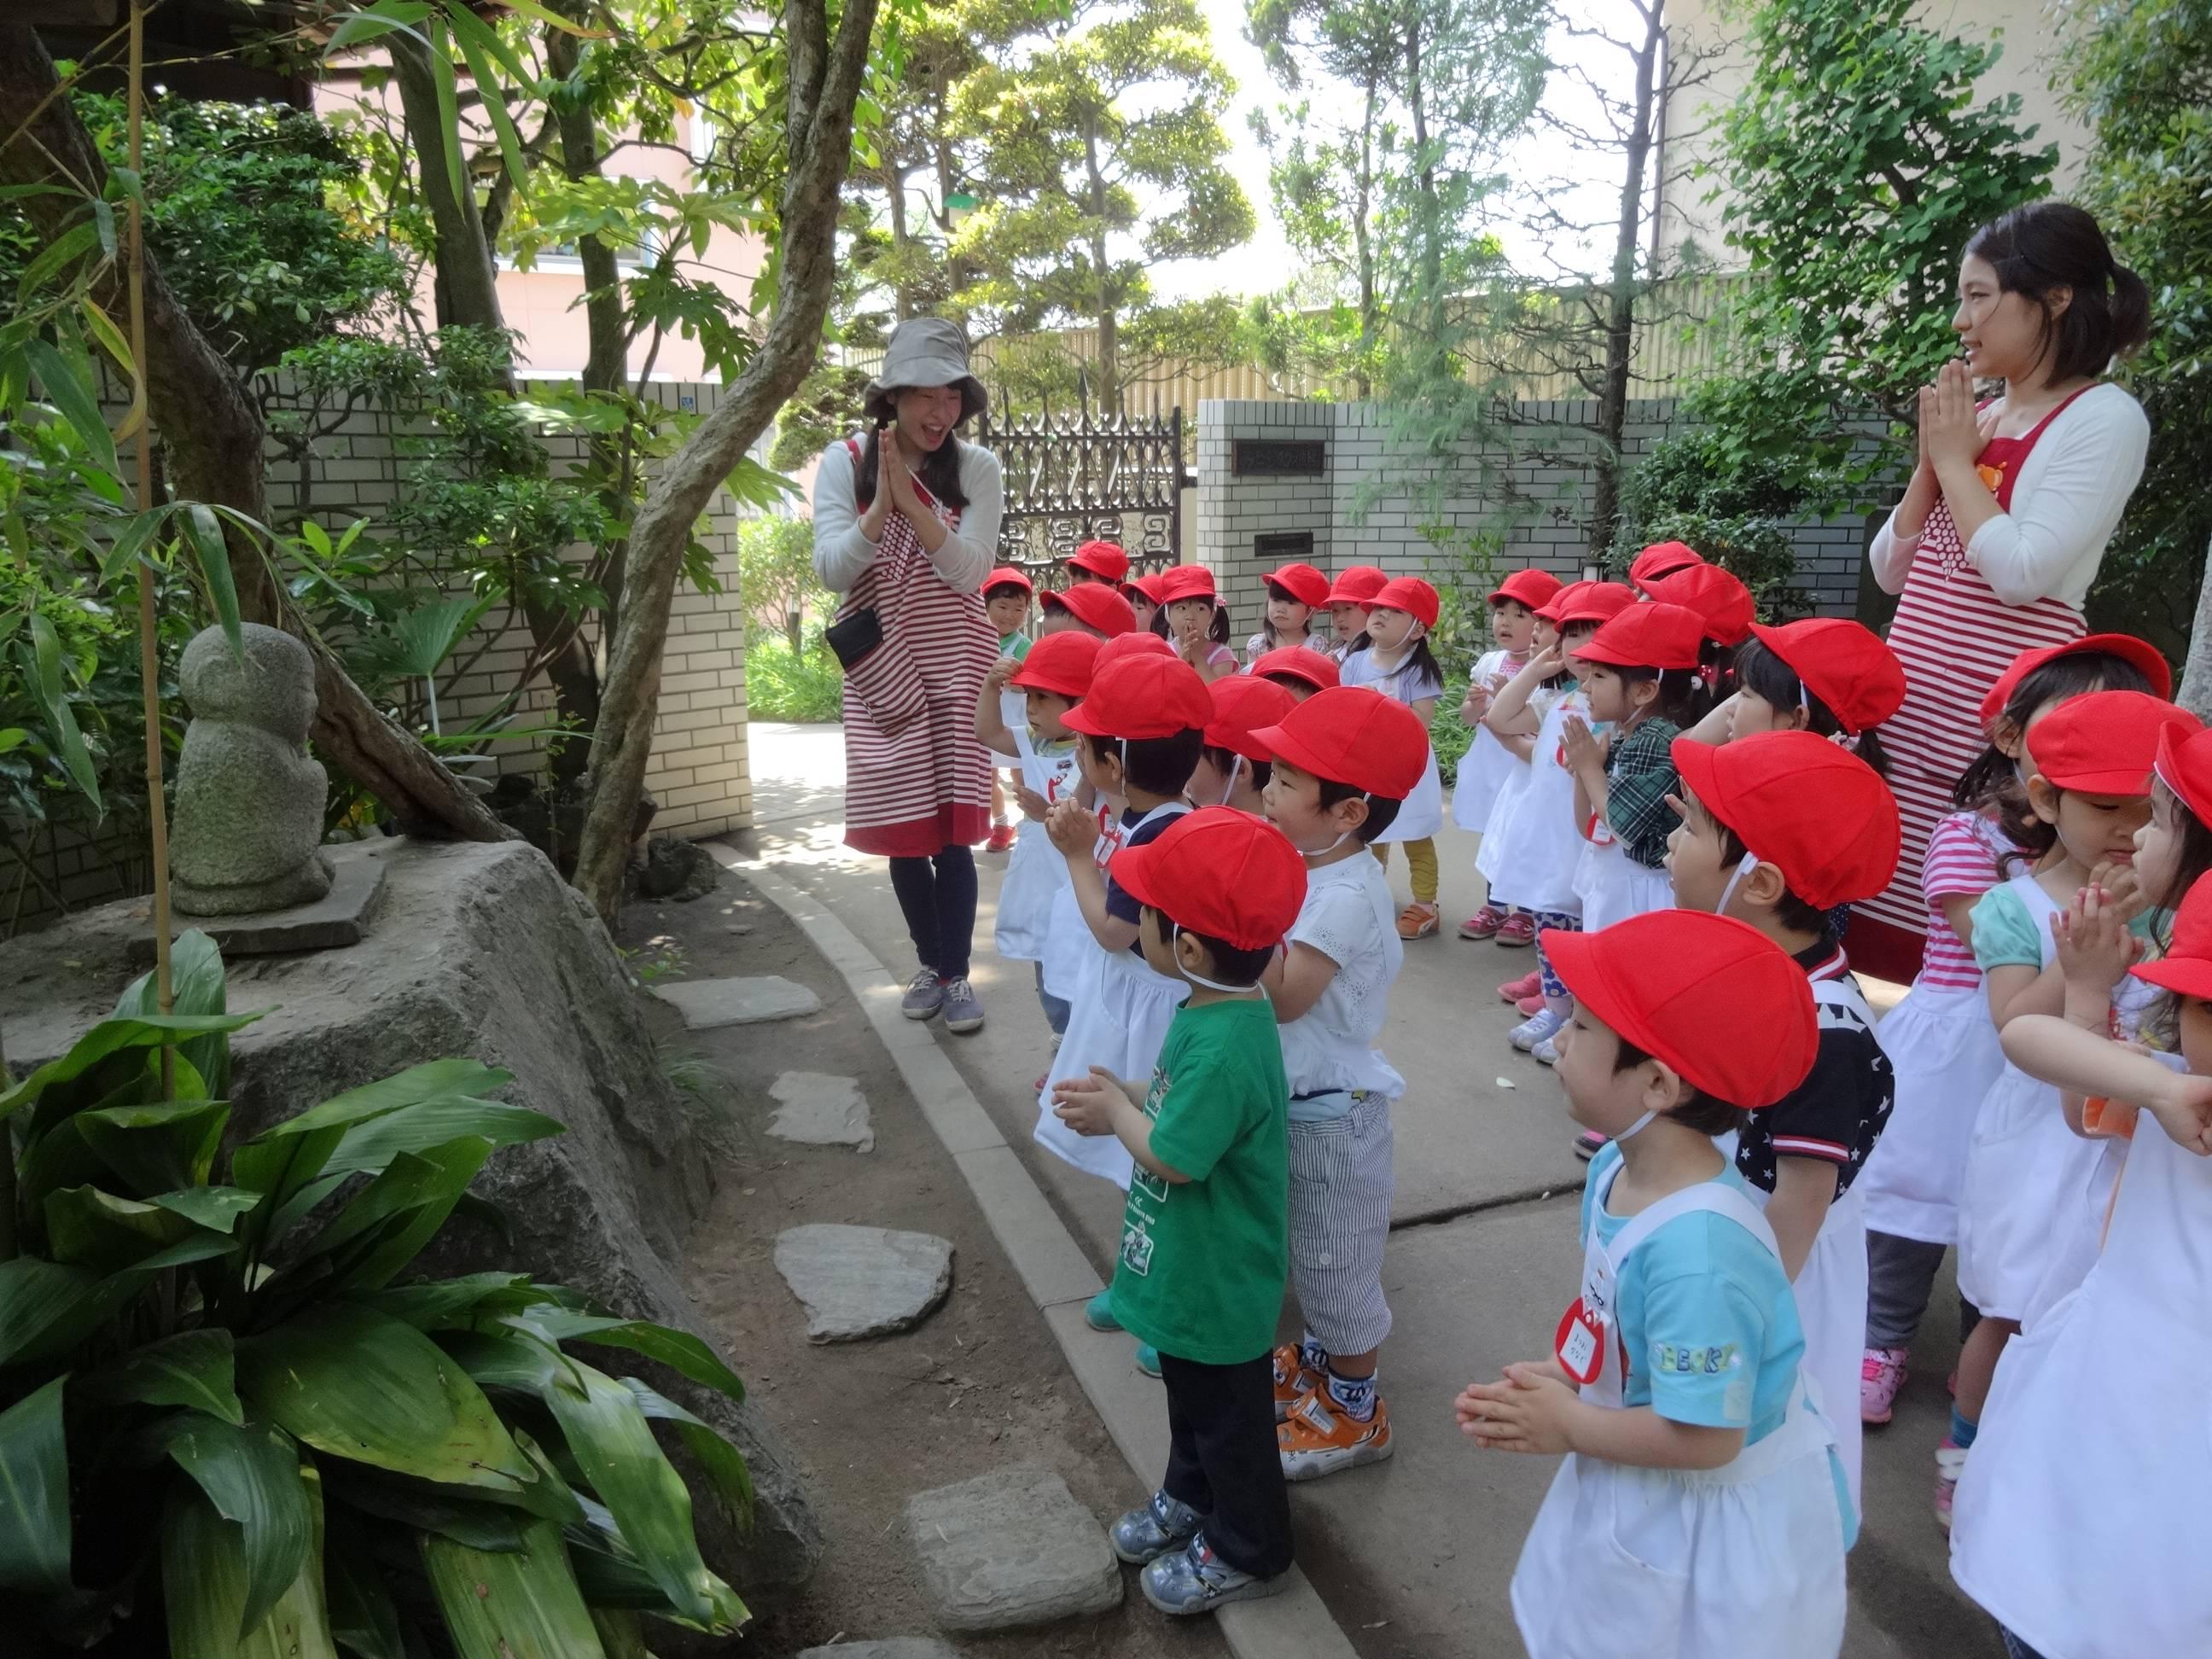 学校法人けや木学園 みどり幼稚園